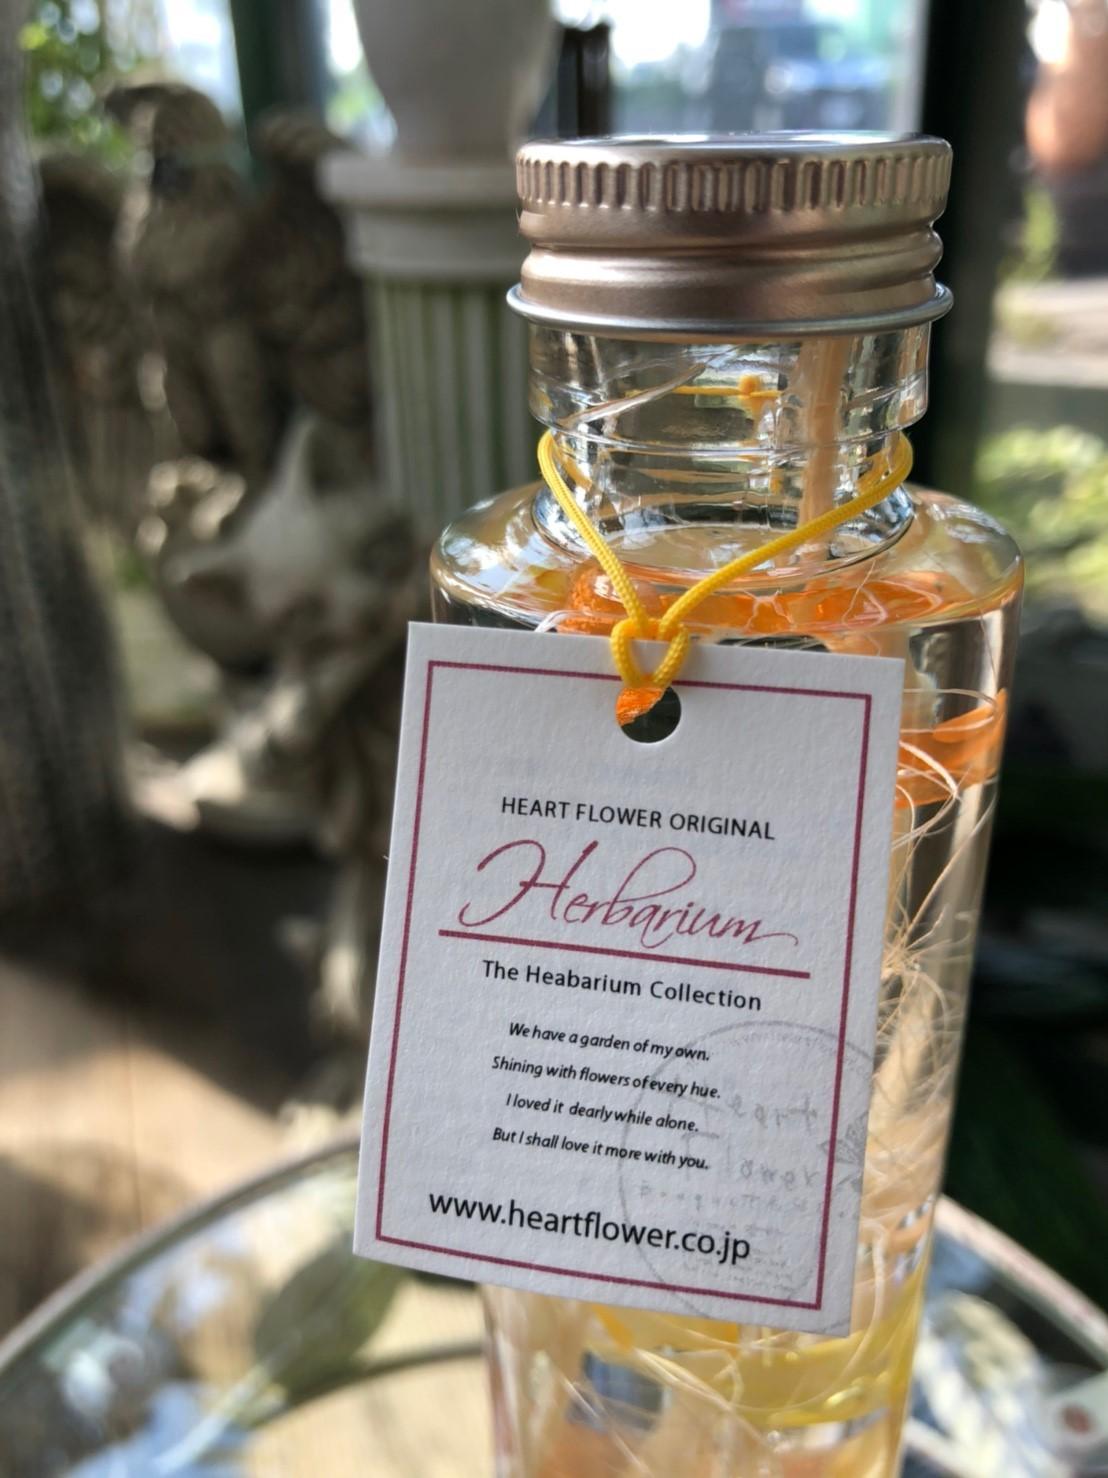 ハーバリウム アプリコット - made by Heartflower